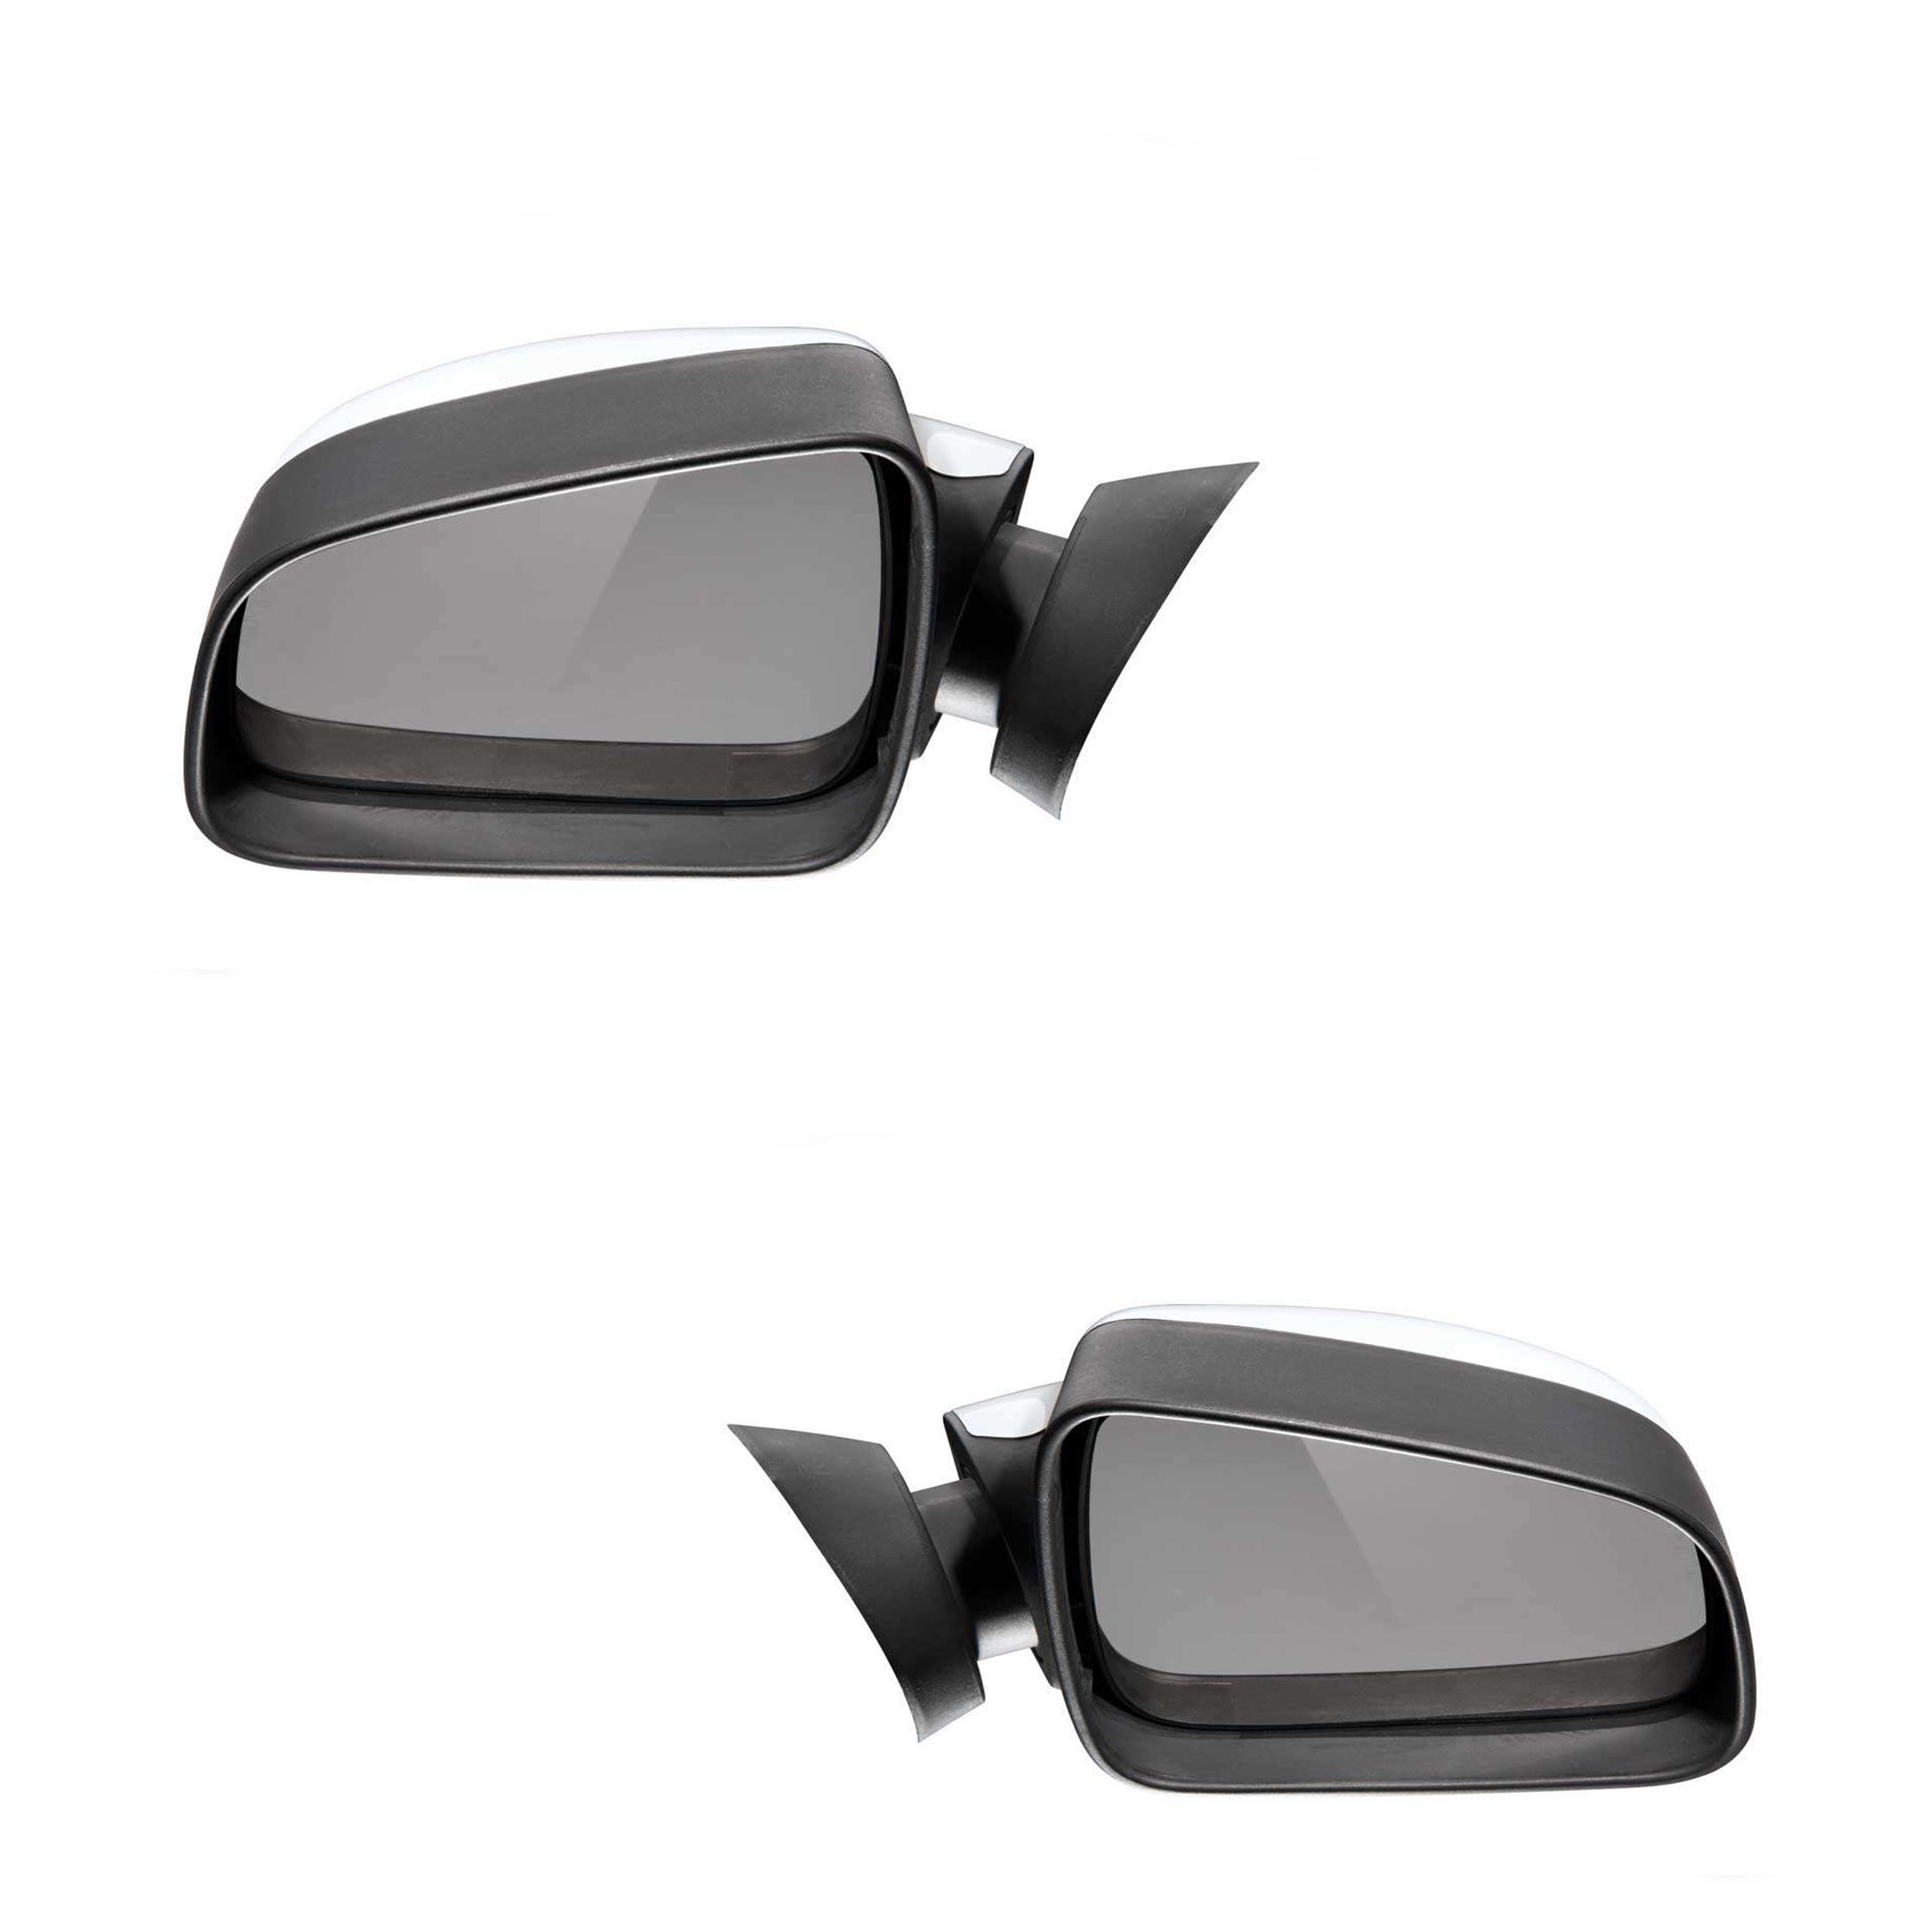 آینه جانبی برقی کاوج مدل RADFAR 5964 مناسب برای رنو ساندرو بسته 2 عددی